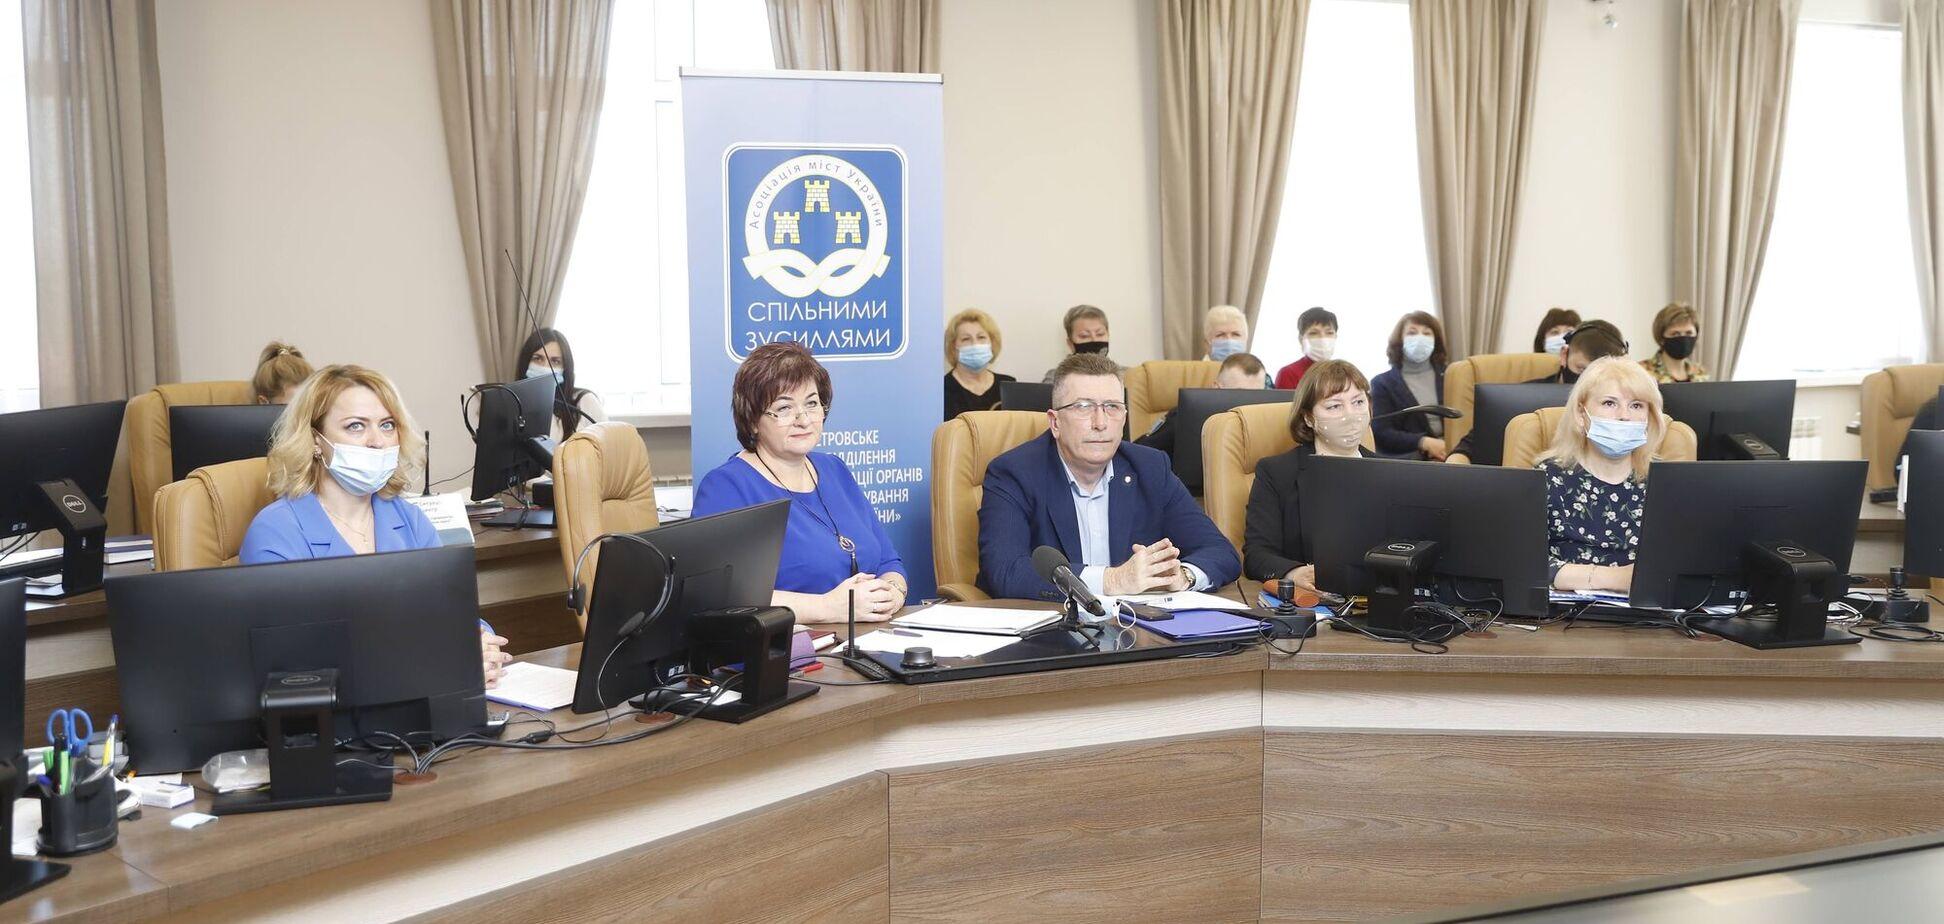 Филатов рассказал на форуме об опыте соцполитики Днепра